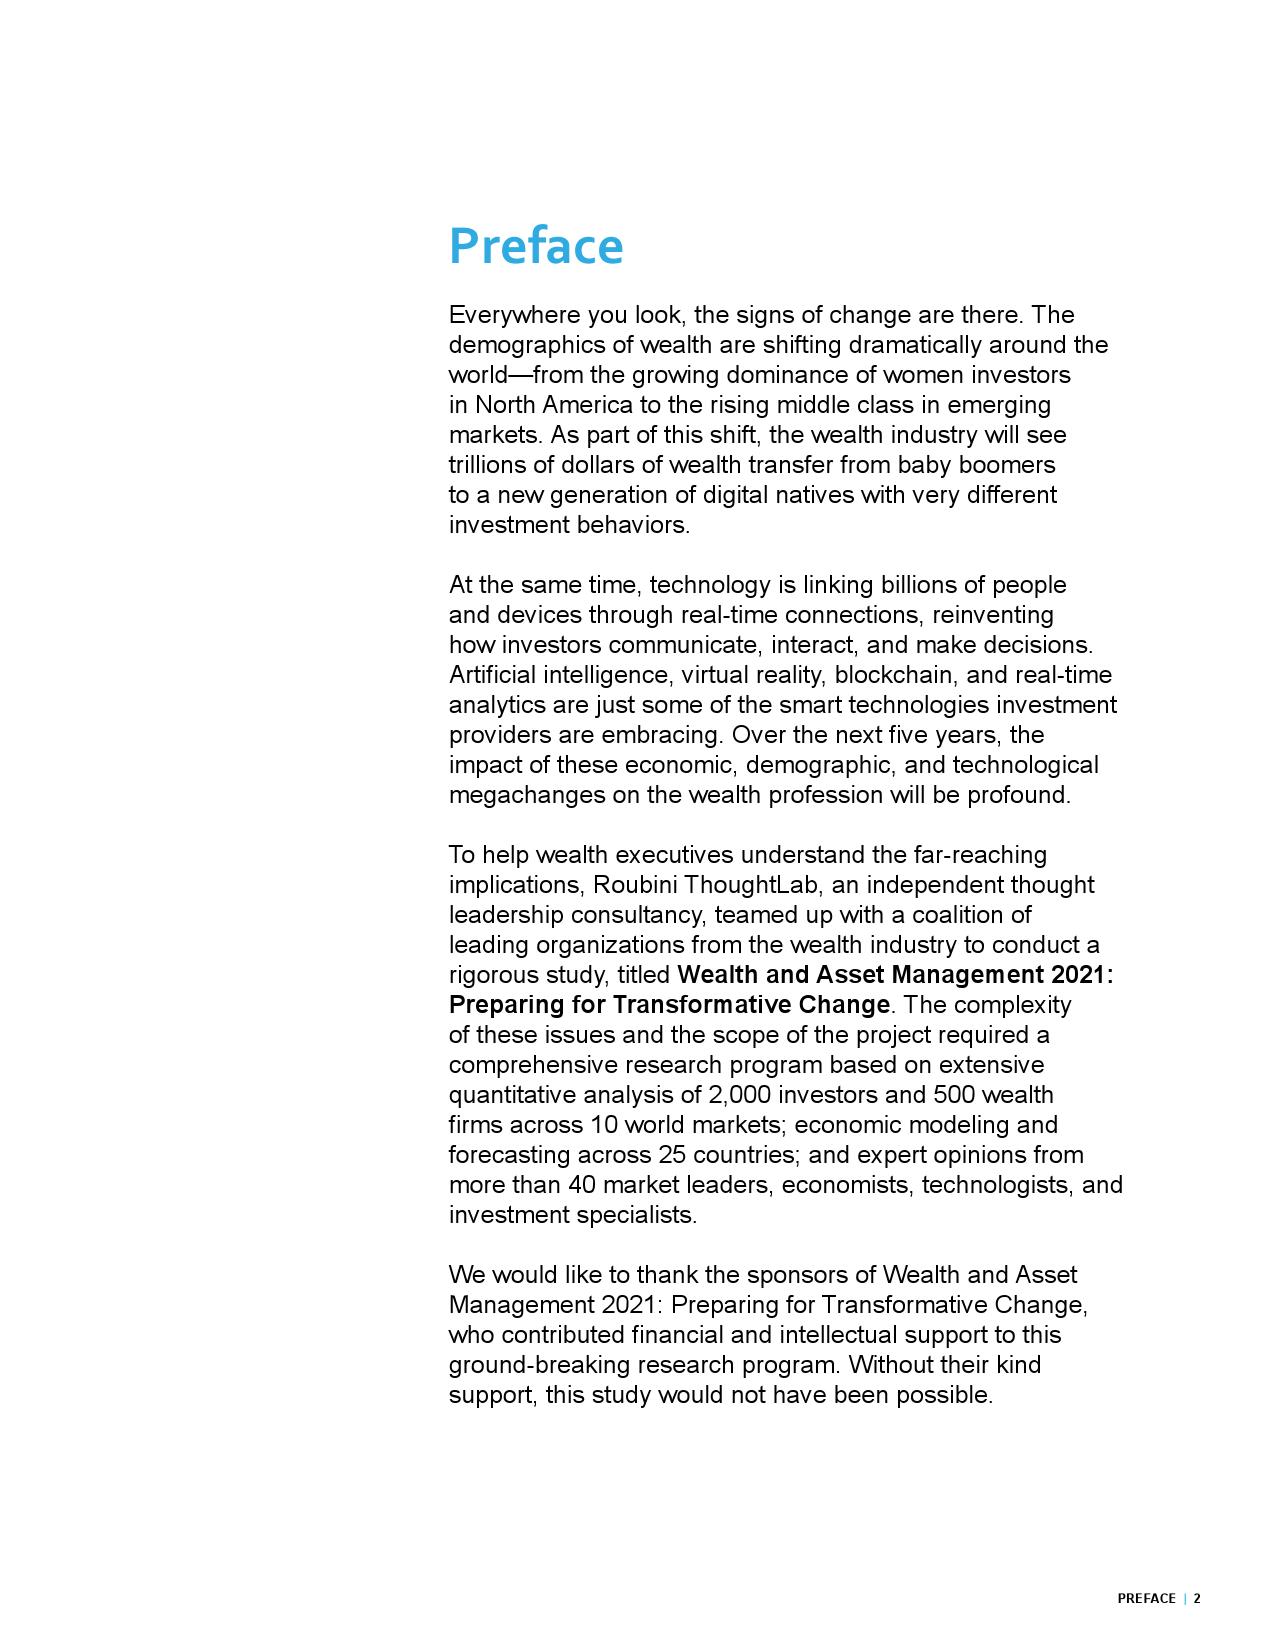 2021年资产和资产管理_000003